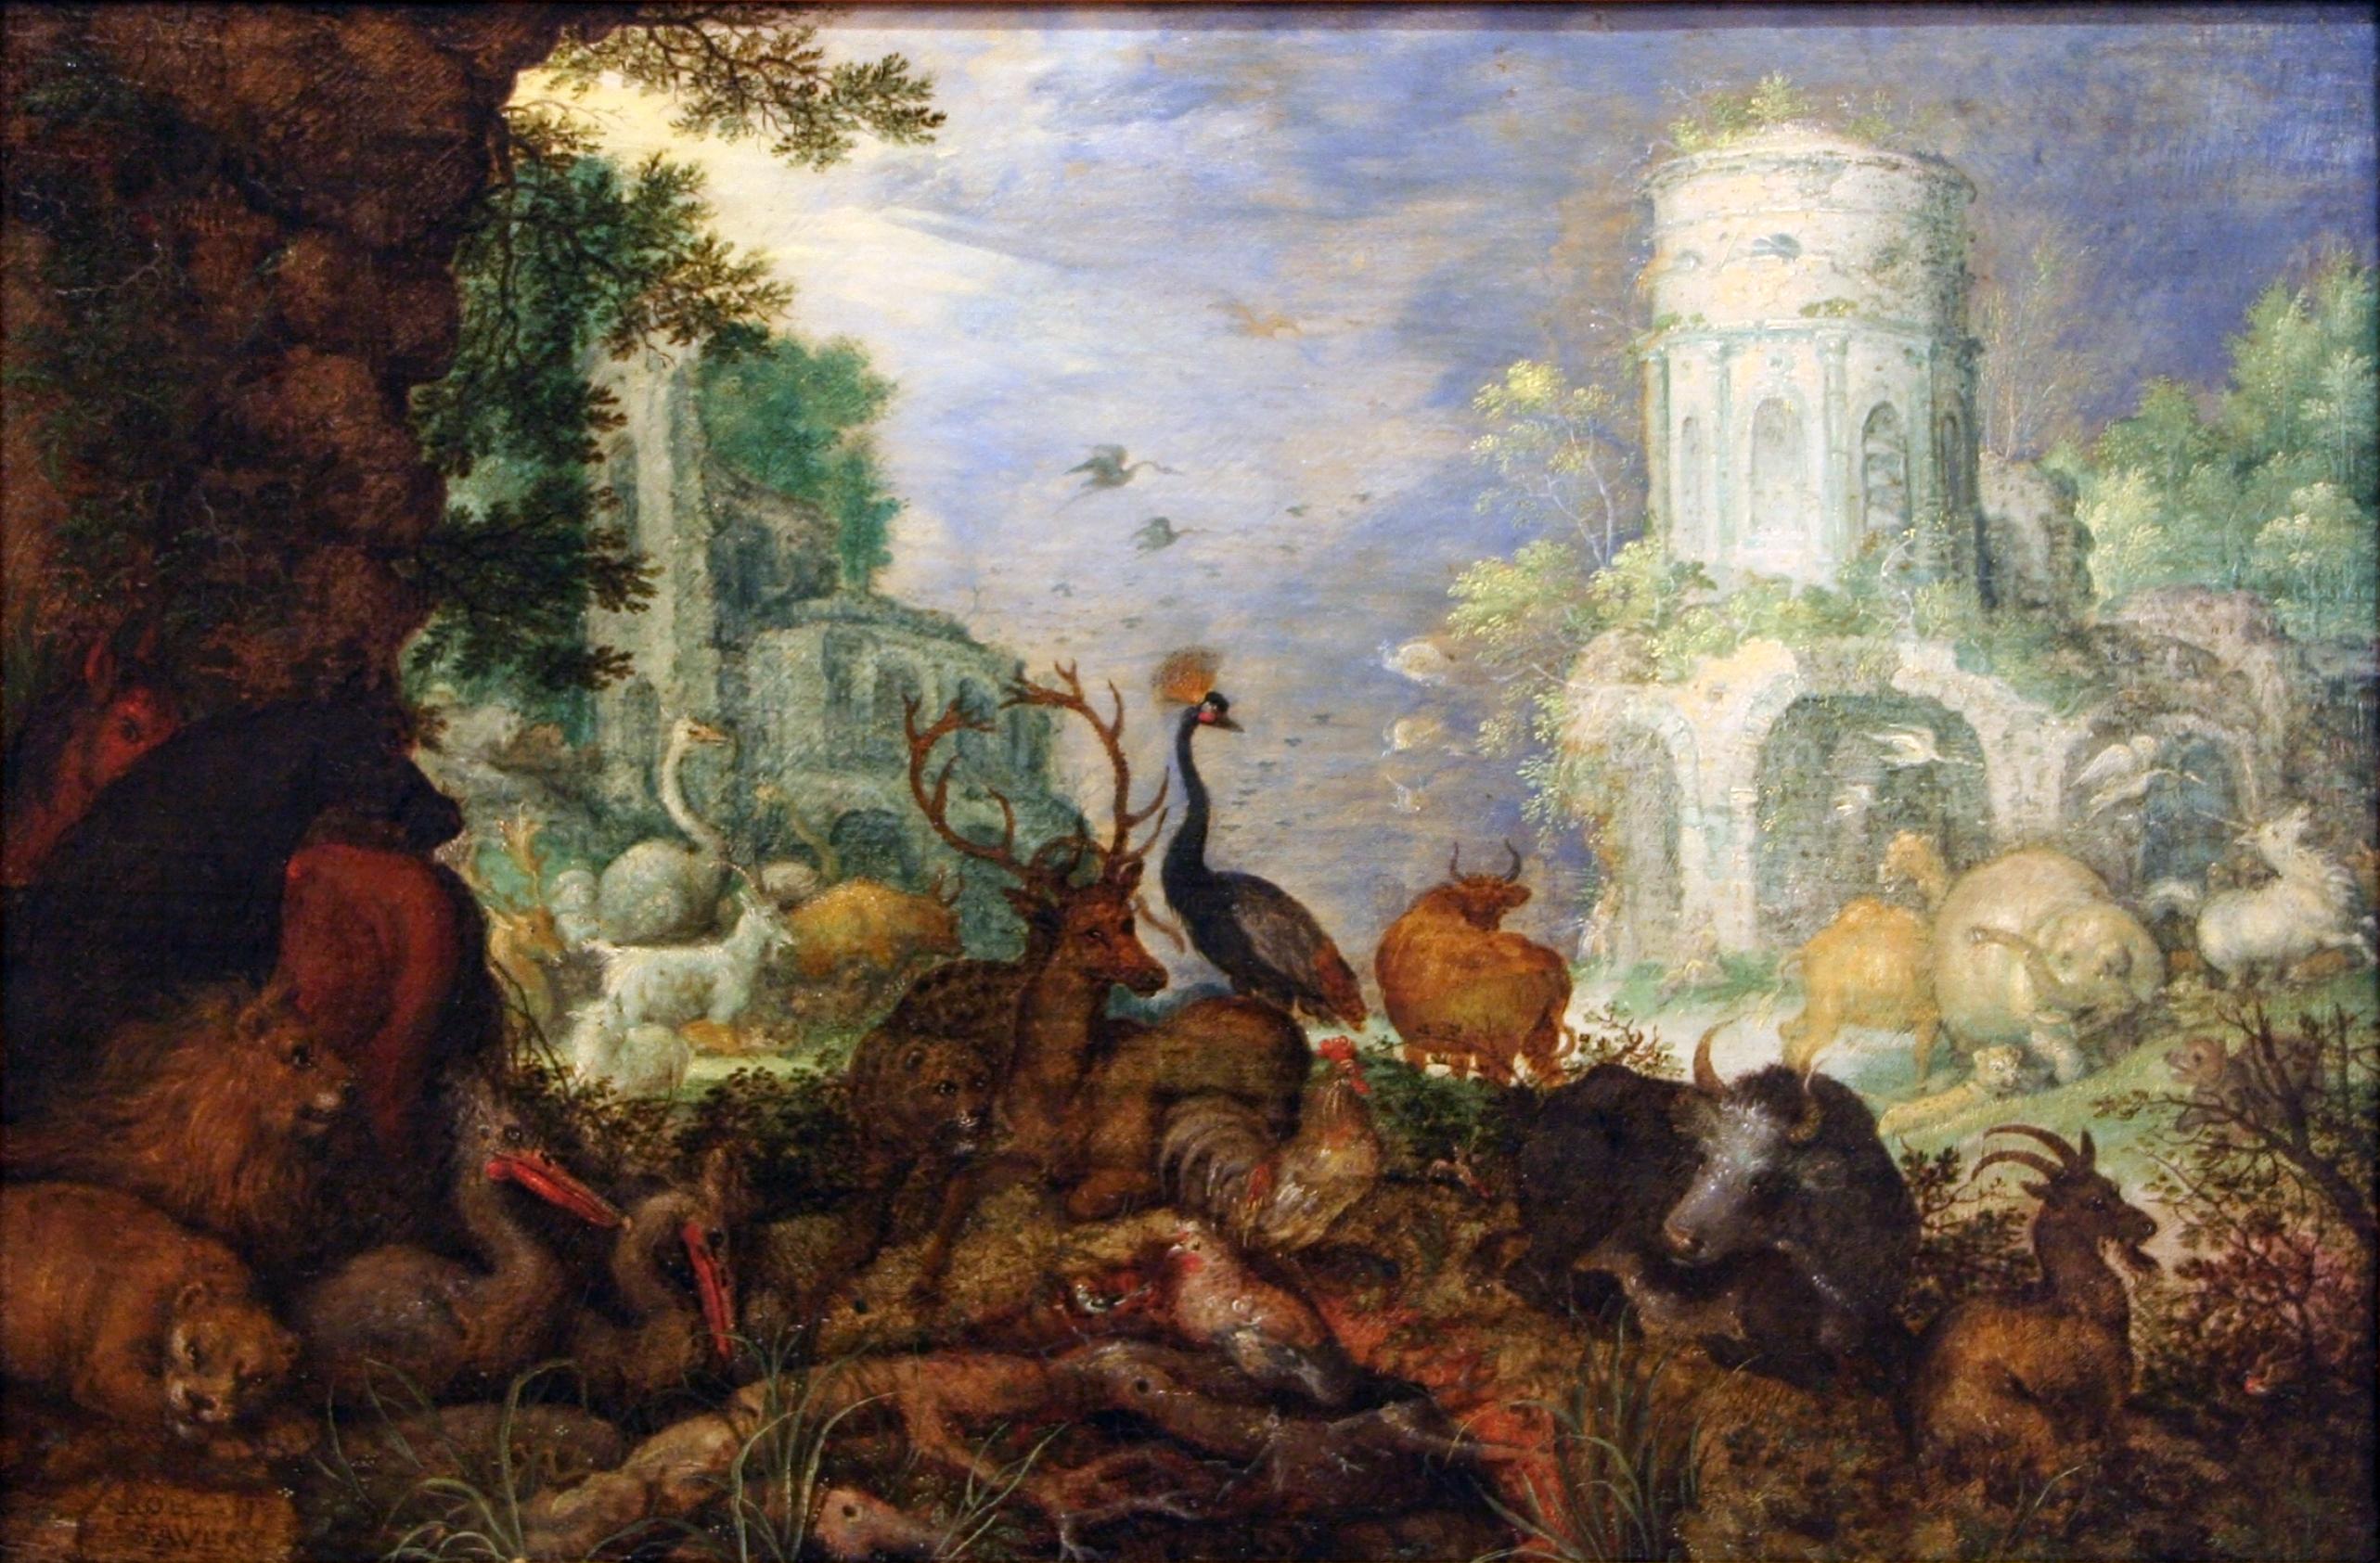 6 Panel Door History >> File:Roelant Savery - Orpheus overvallen door Maenaden.jpg - Wikimedia Commons